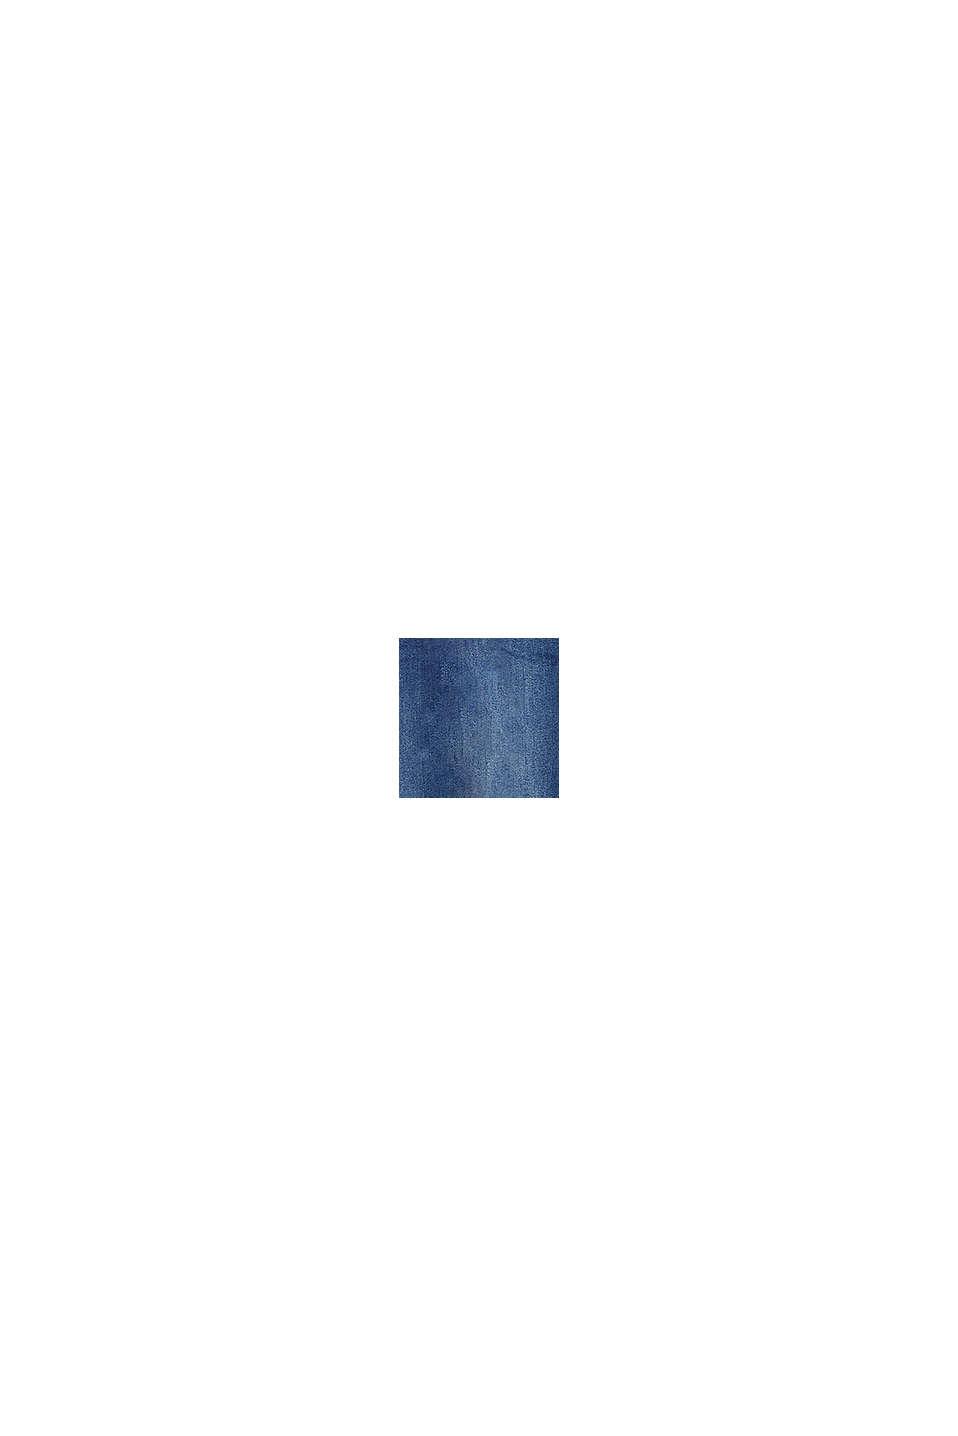 Stretchjeans met band over de buik, biologisch katoen, BLUE MEDIUM WASHED, swatch